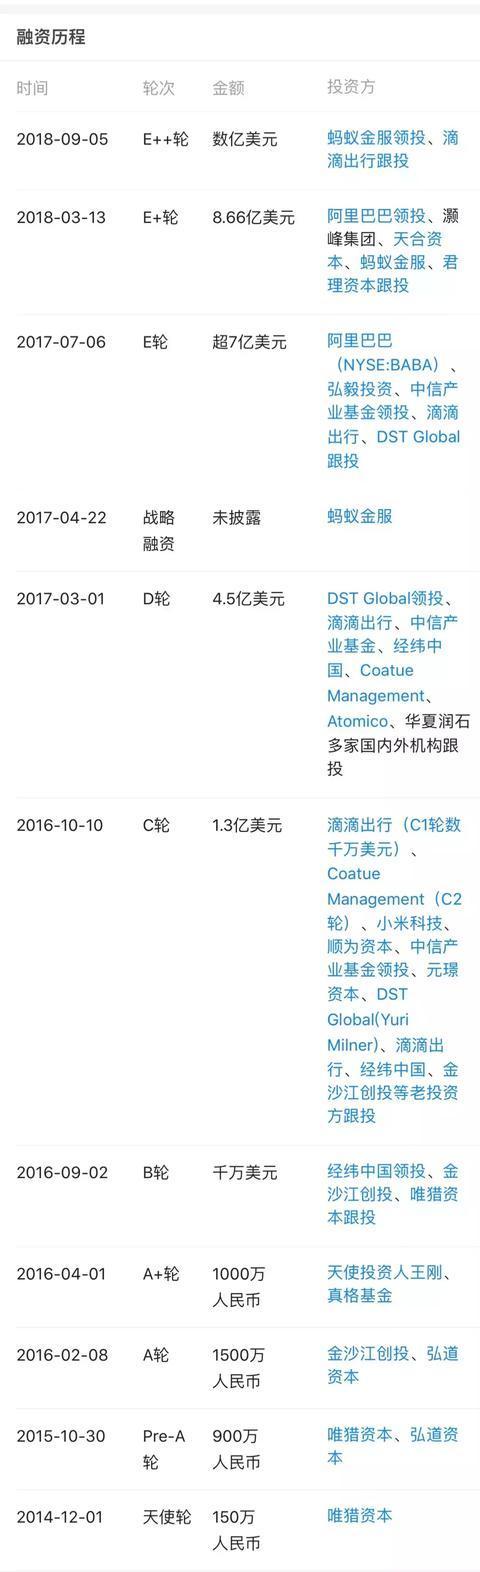 ofo融资历史(图片来源于天眼查)